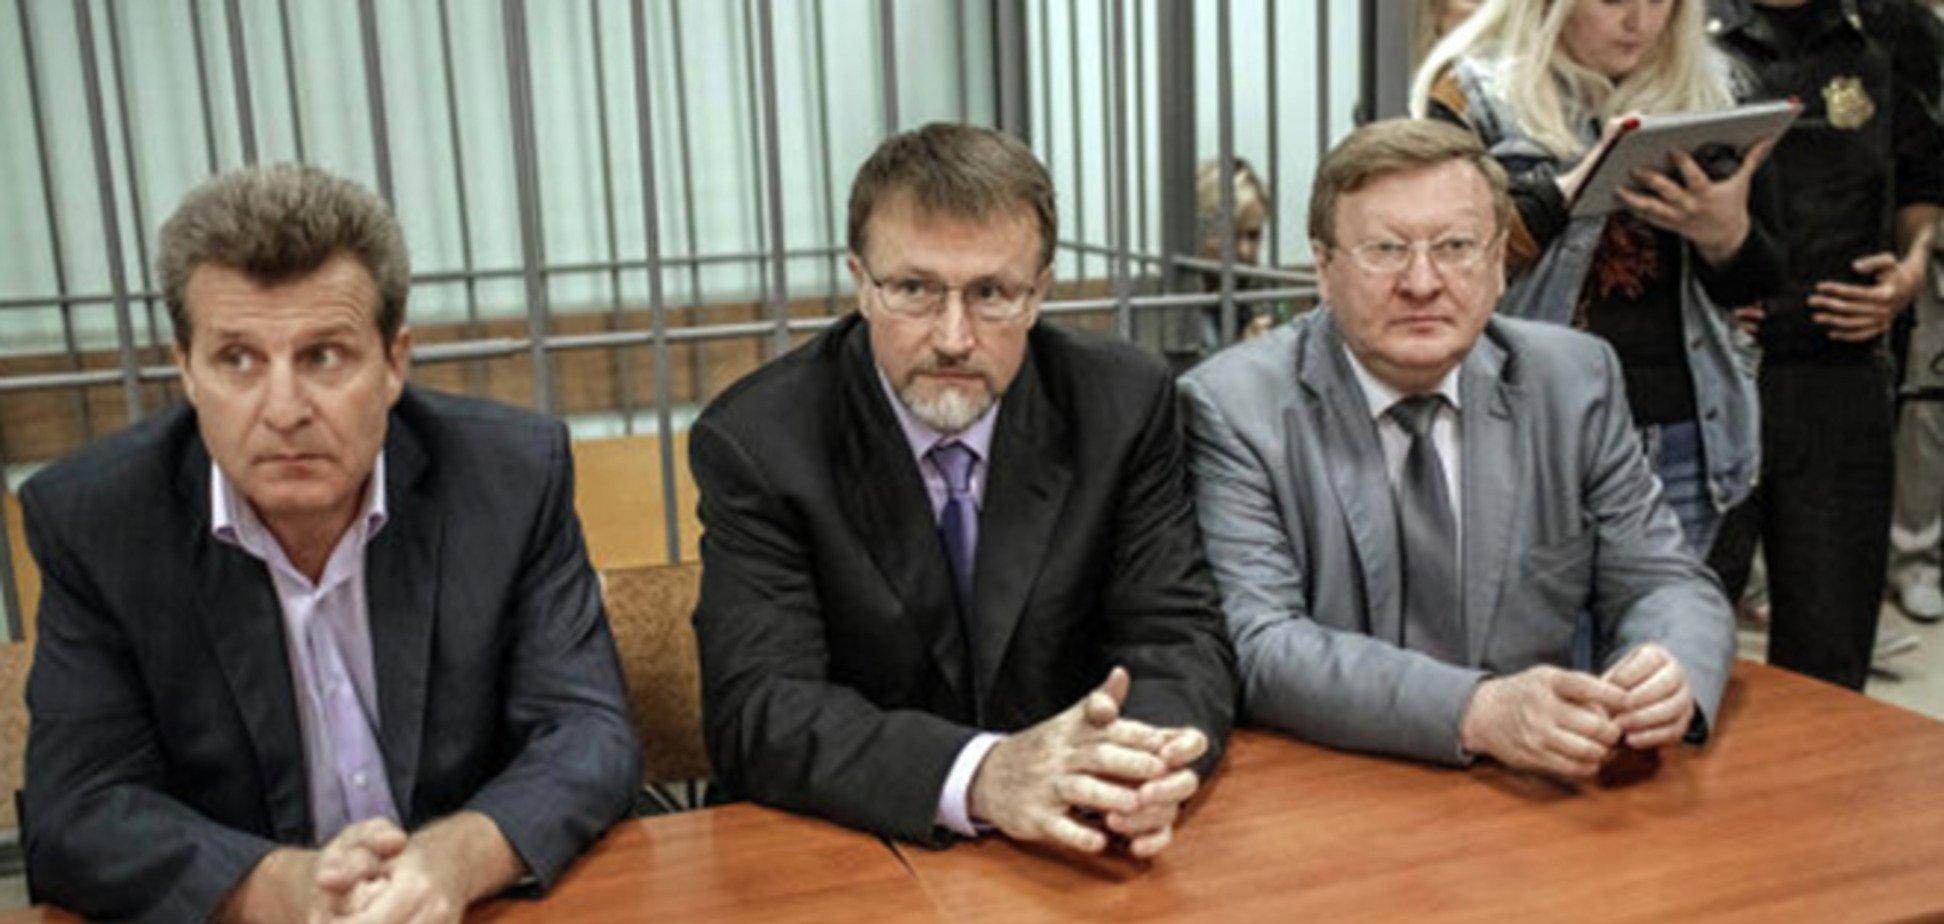 Екс-губернатор Тульської області засуджено на 9,5 років колонії за хабар